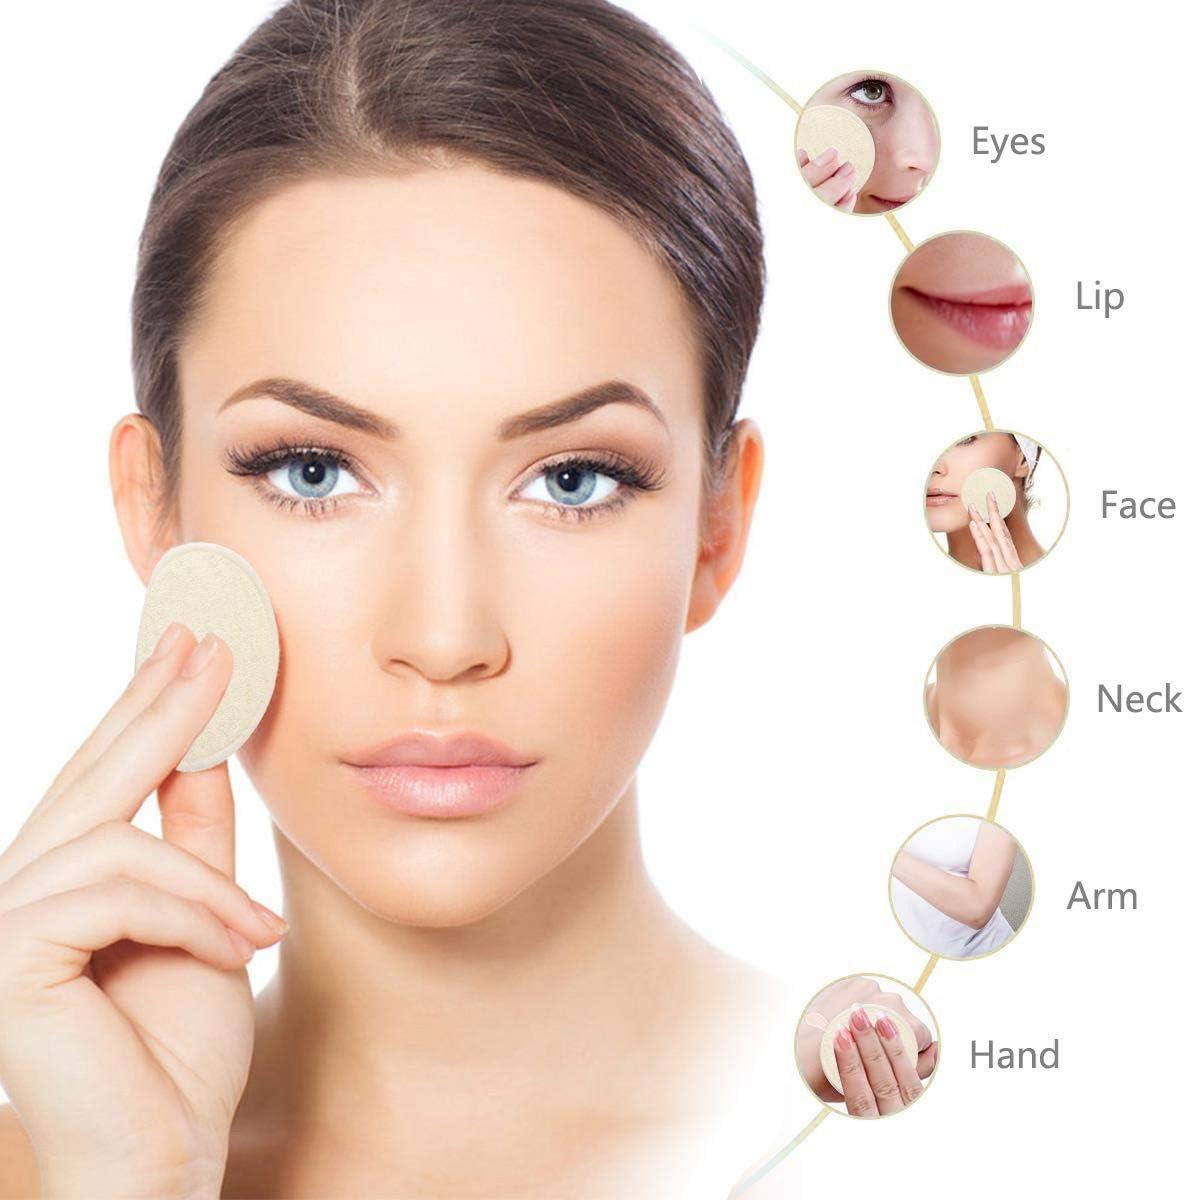 pour oeil//visage maquillage Remover essuyer 12 pcs Fibre de bambou ou coton Coussins d/émaquillants r/éutilisables bambou demaquillant lavable bio pour le nettoyage du visage Avec Sac /À Lessive